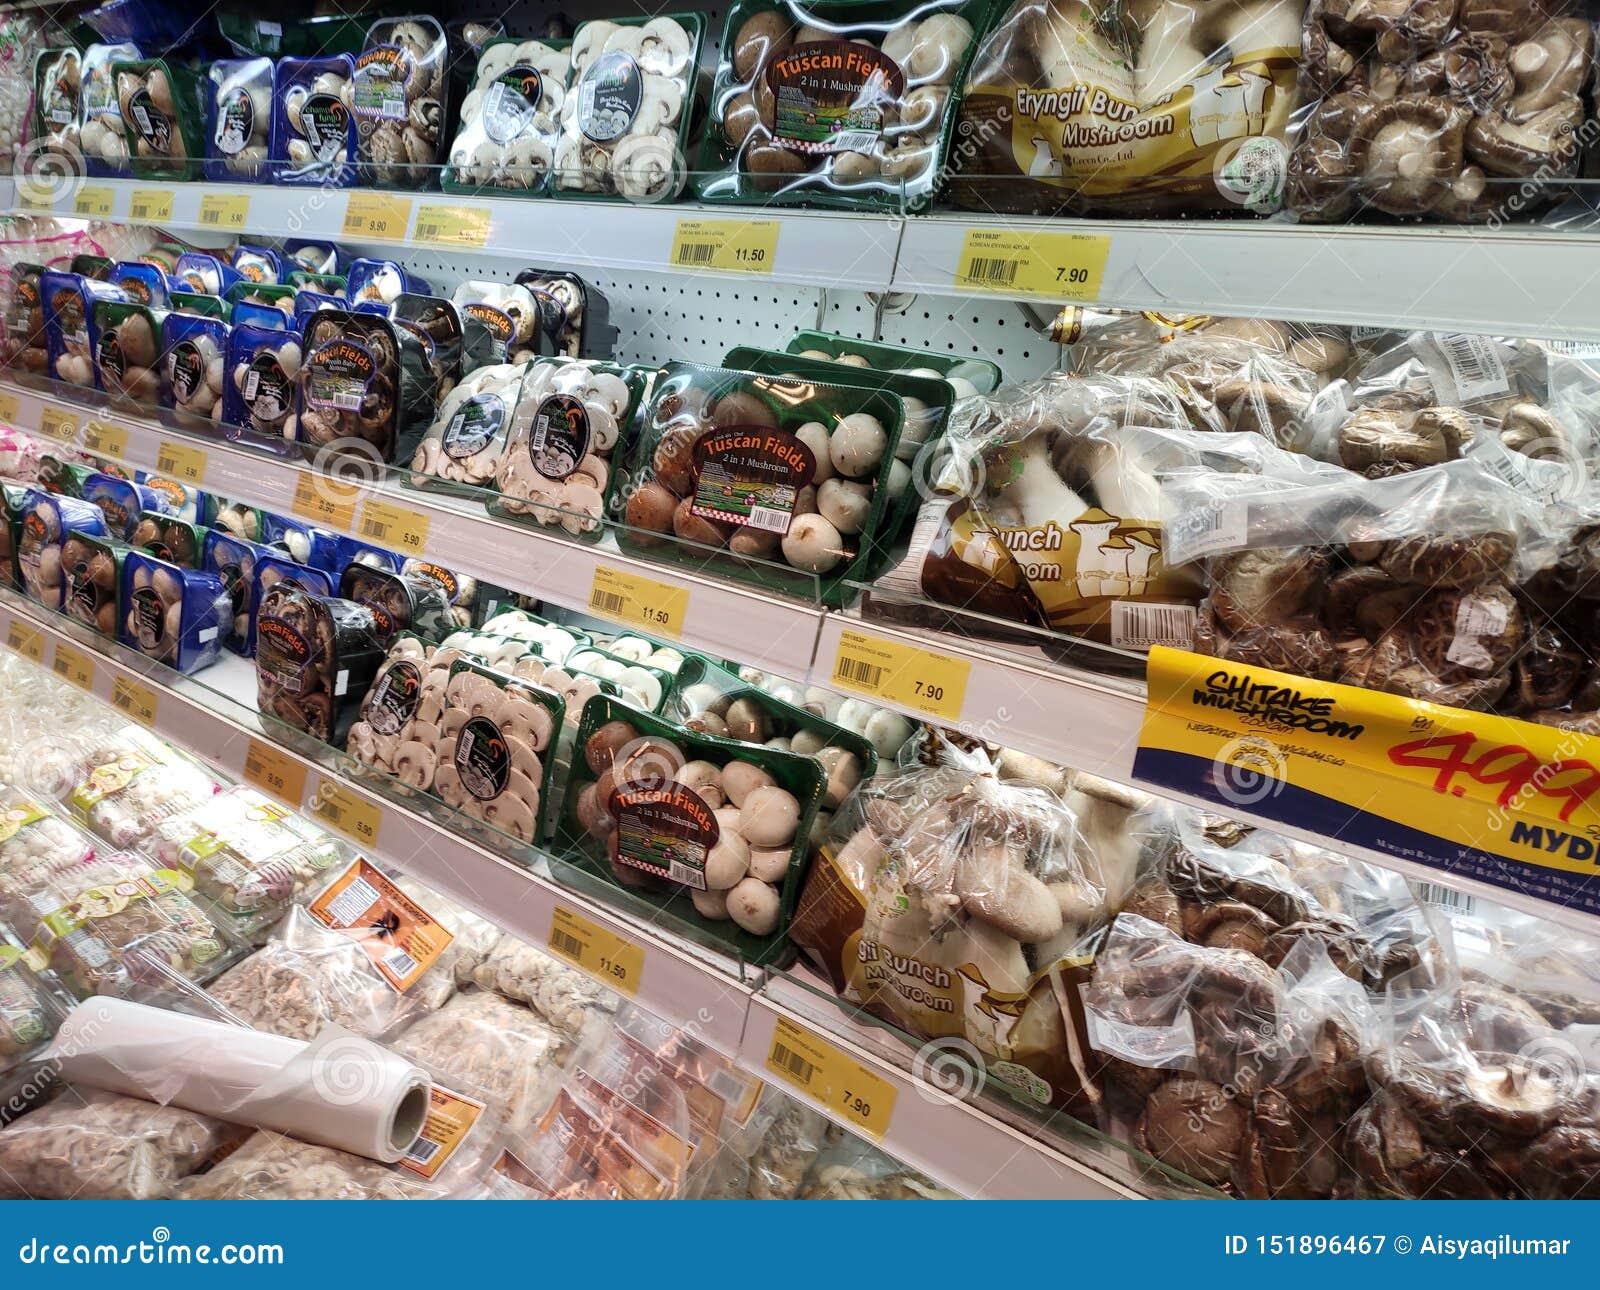 Selecionado focalizado de vários tipos de cogumelos foram empacotados bem e exibidos para a venda